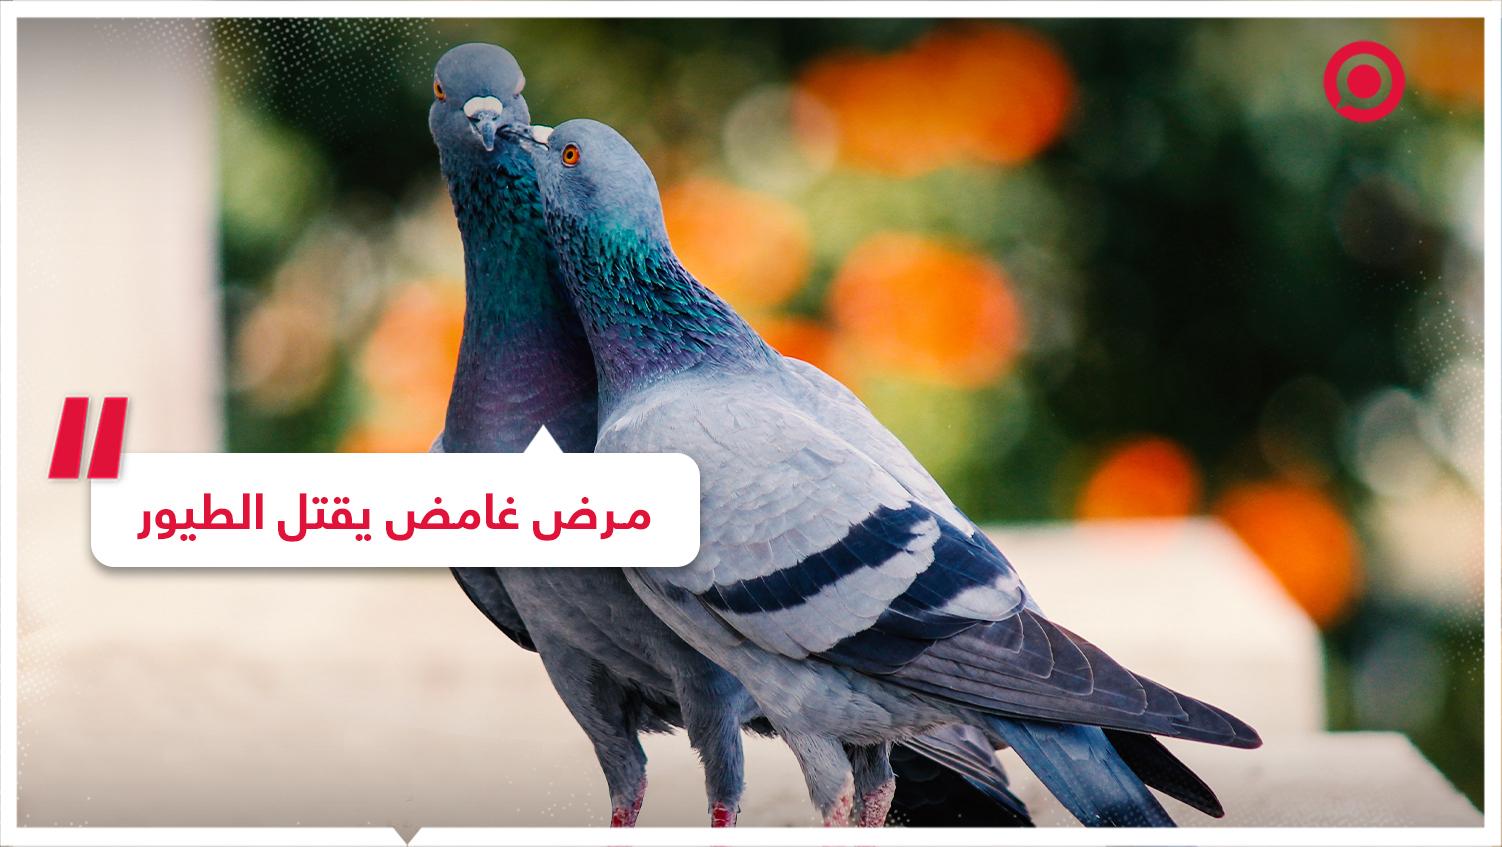 #مرض #حيوانات #غرائب #طيور